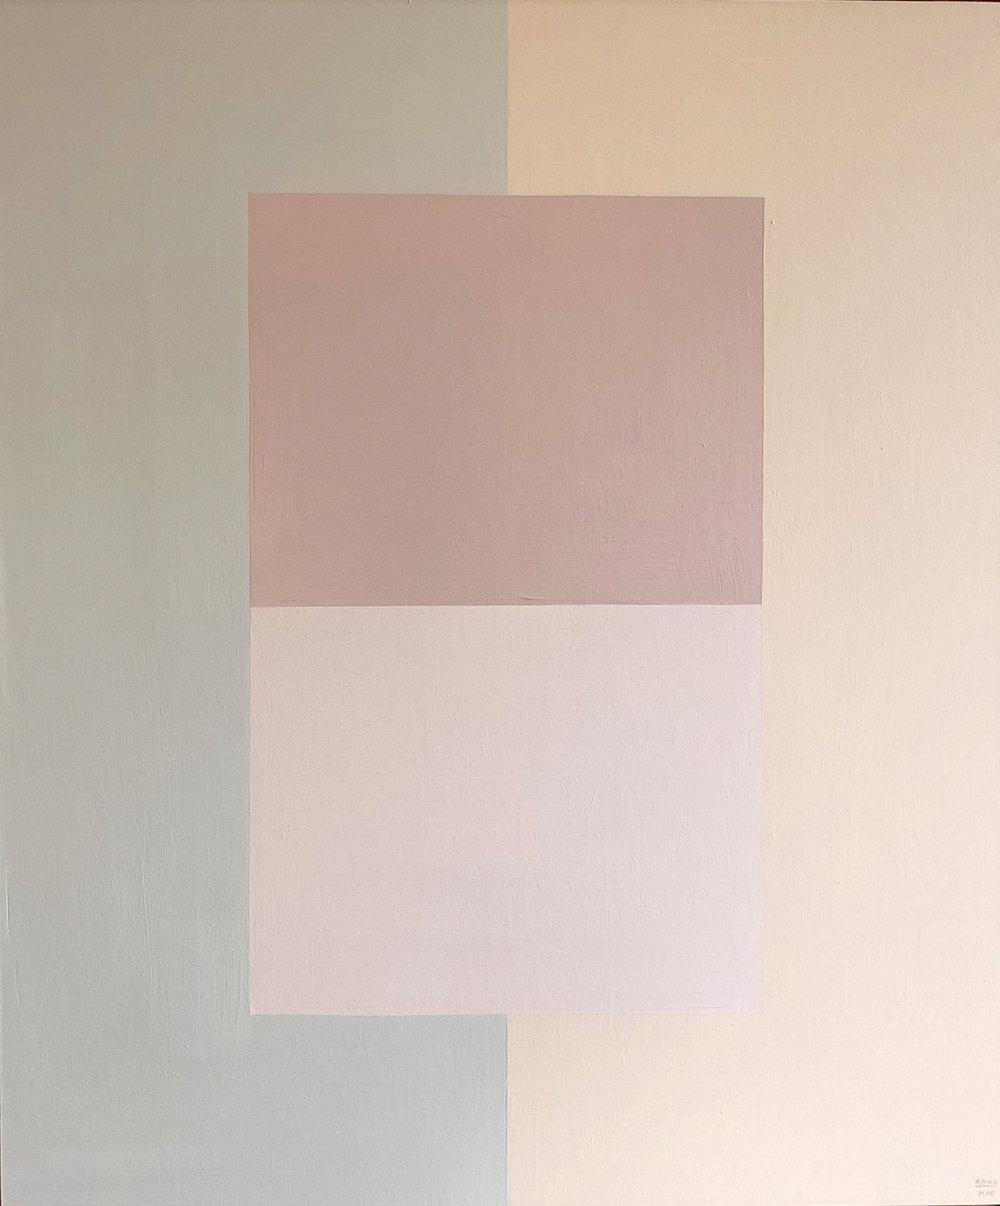 SOLD - 'Colour palette series no.13'